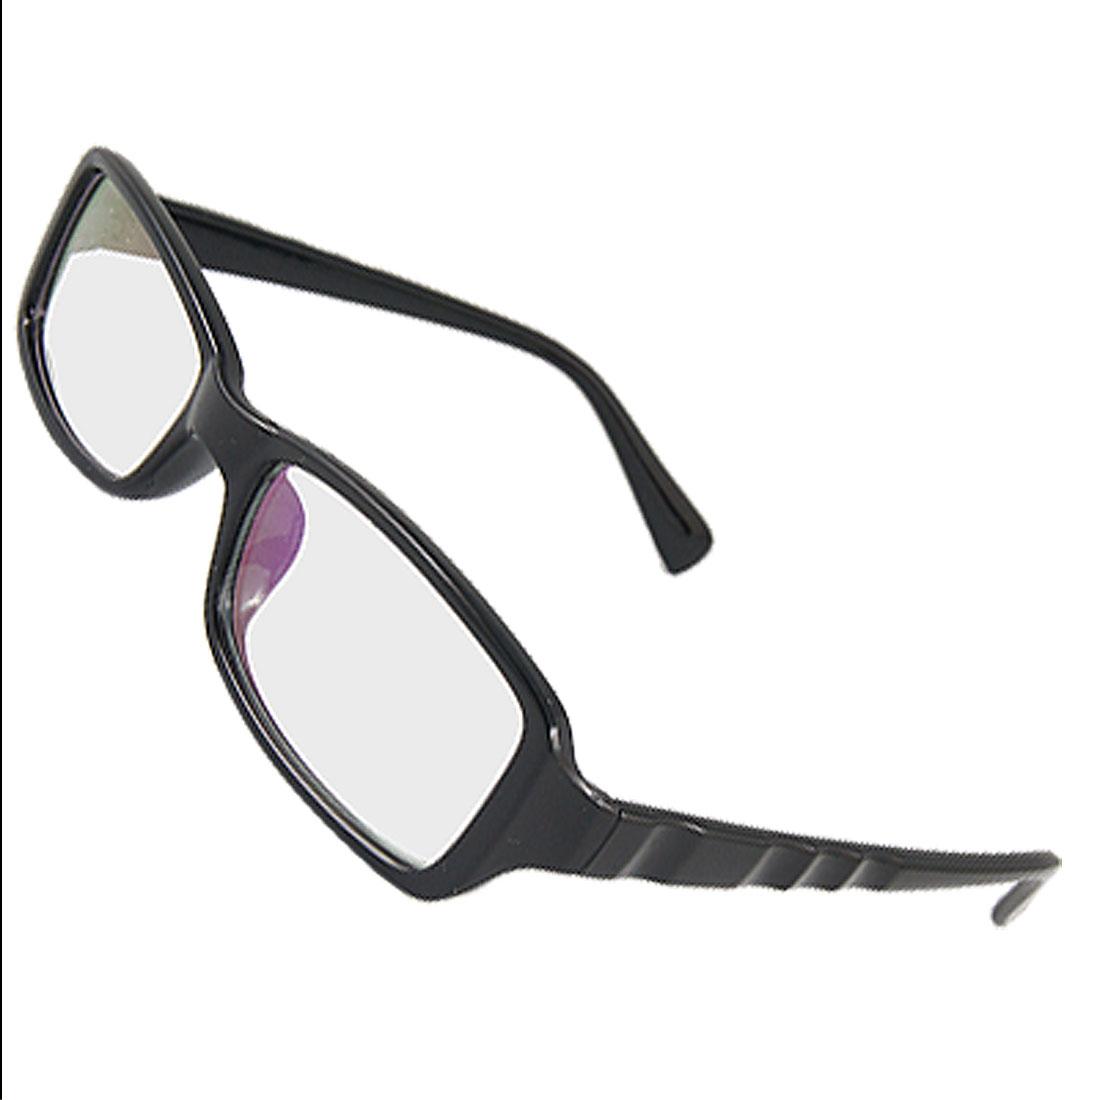 Full Frame Plastic Glossy Black Multi-coated Lens Plano Glasses for Men